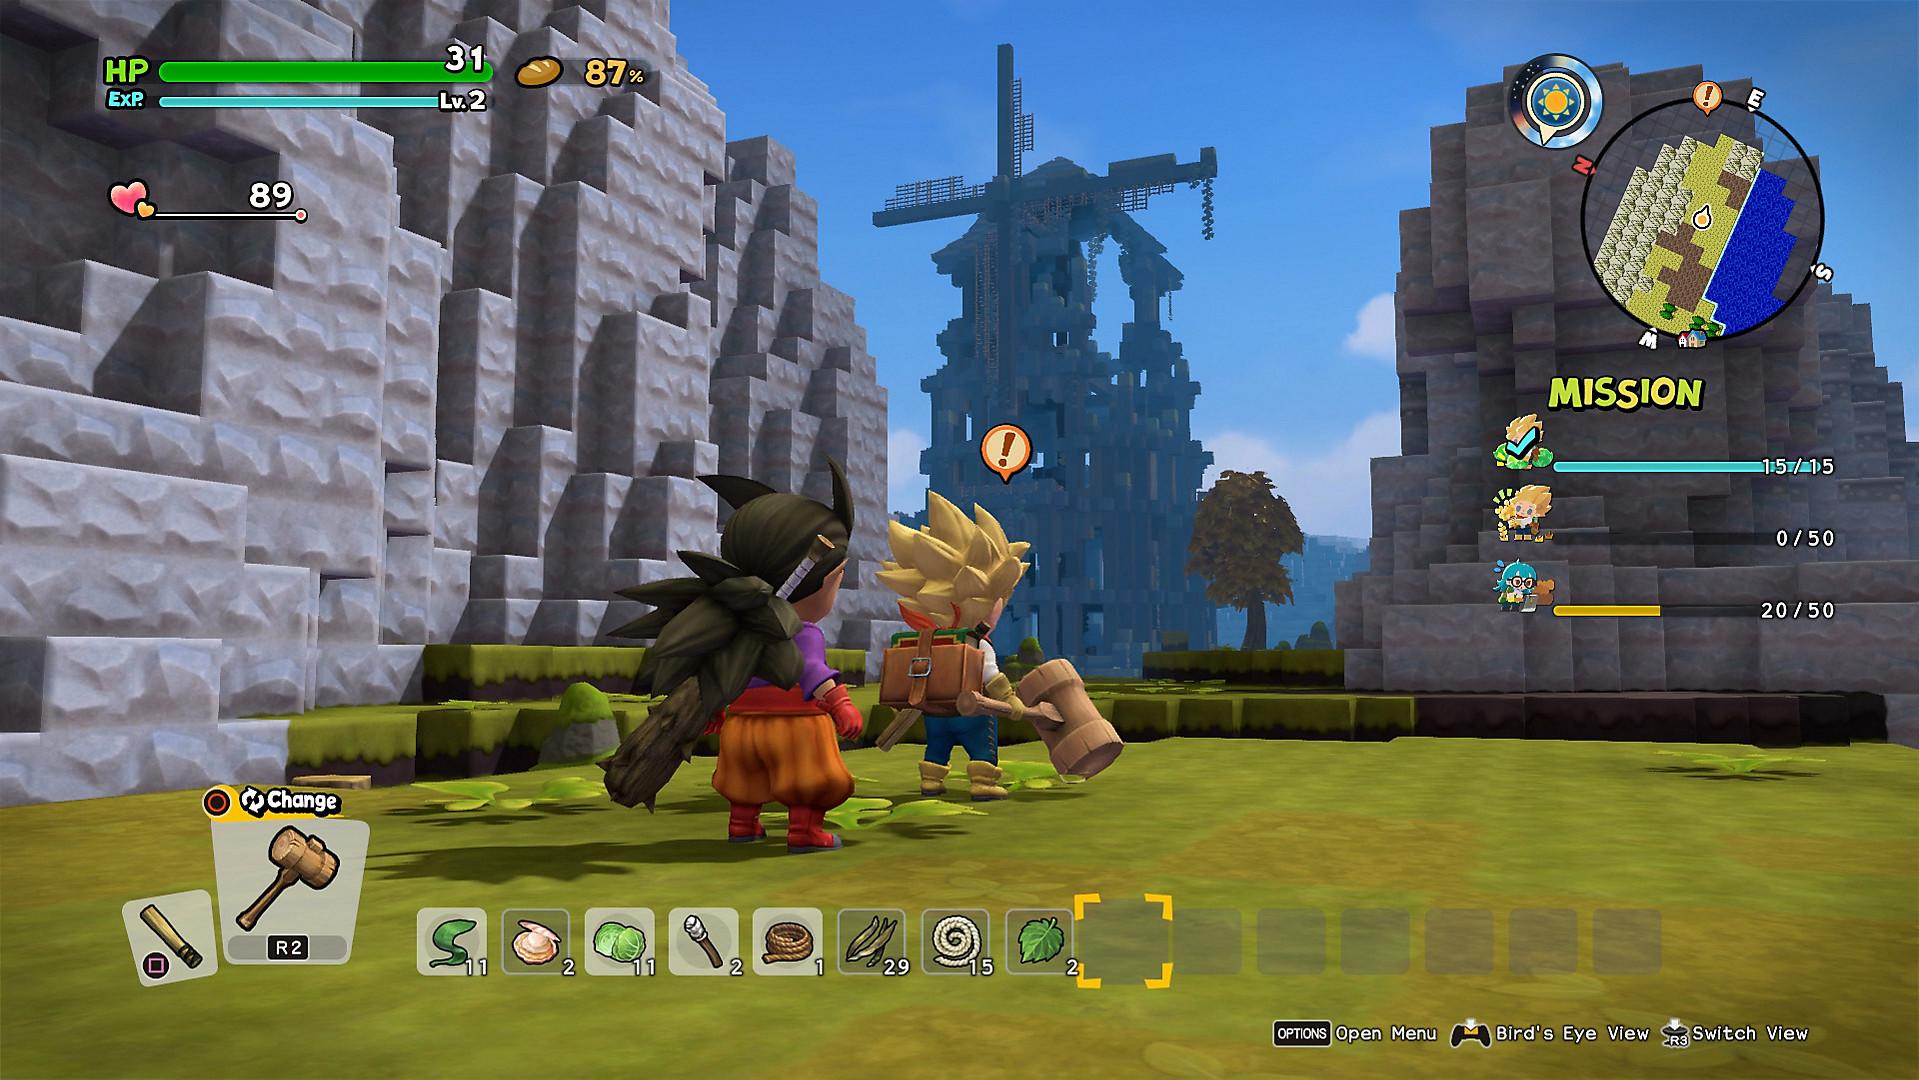 https://media.playstation.com/is/image/SCEA/dragon-quest-builders-2-screenshot-01-ps4-us-13mar2019?$native_xxl_nt$